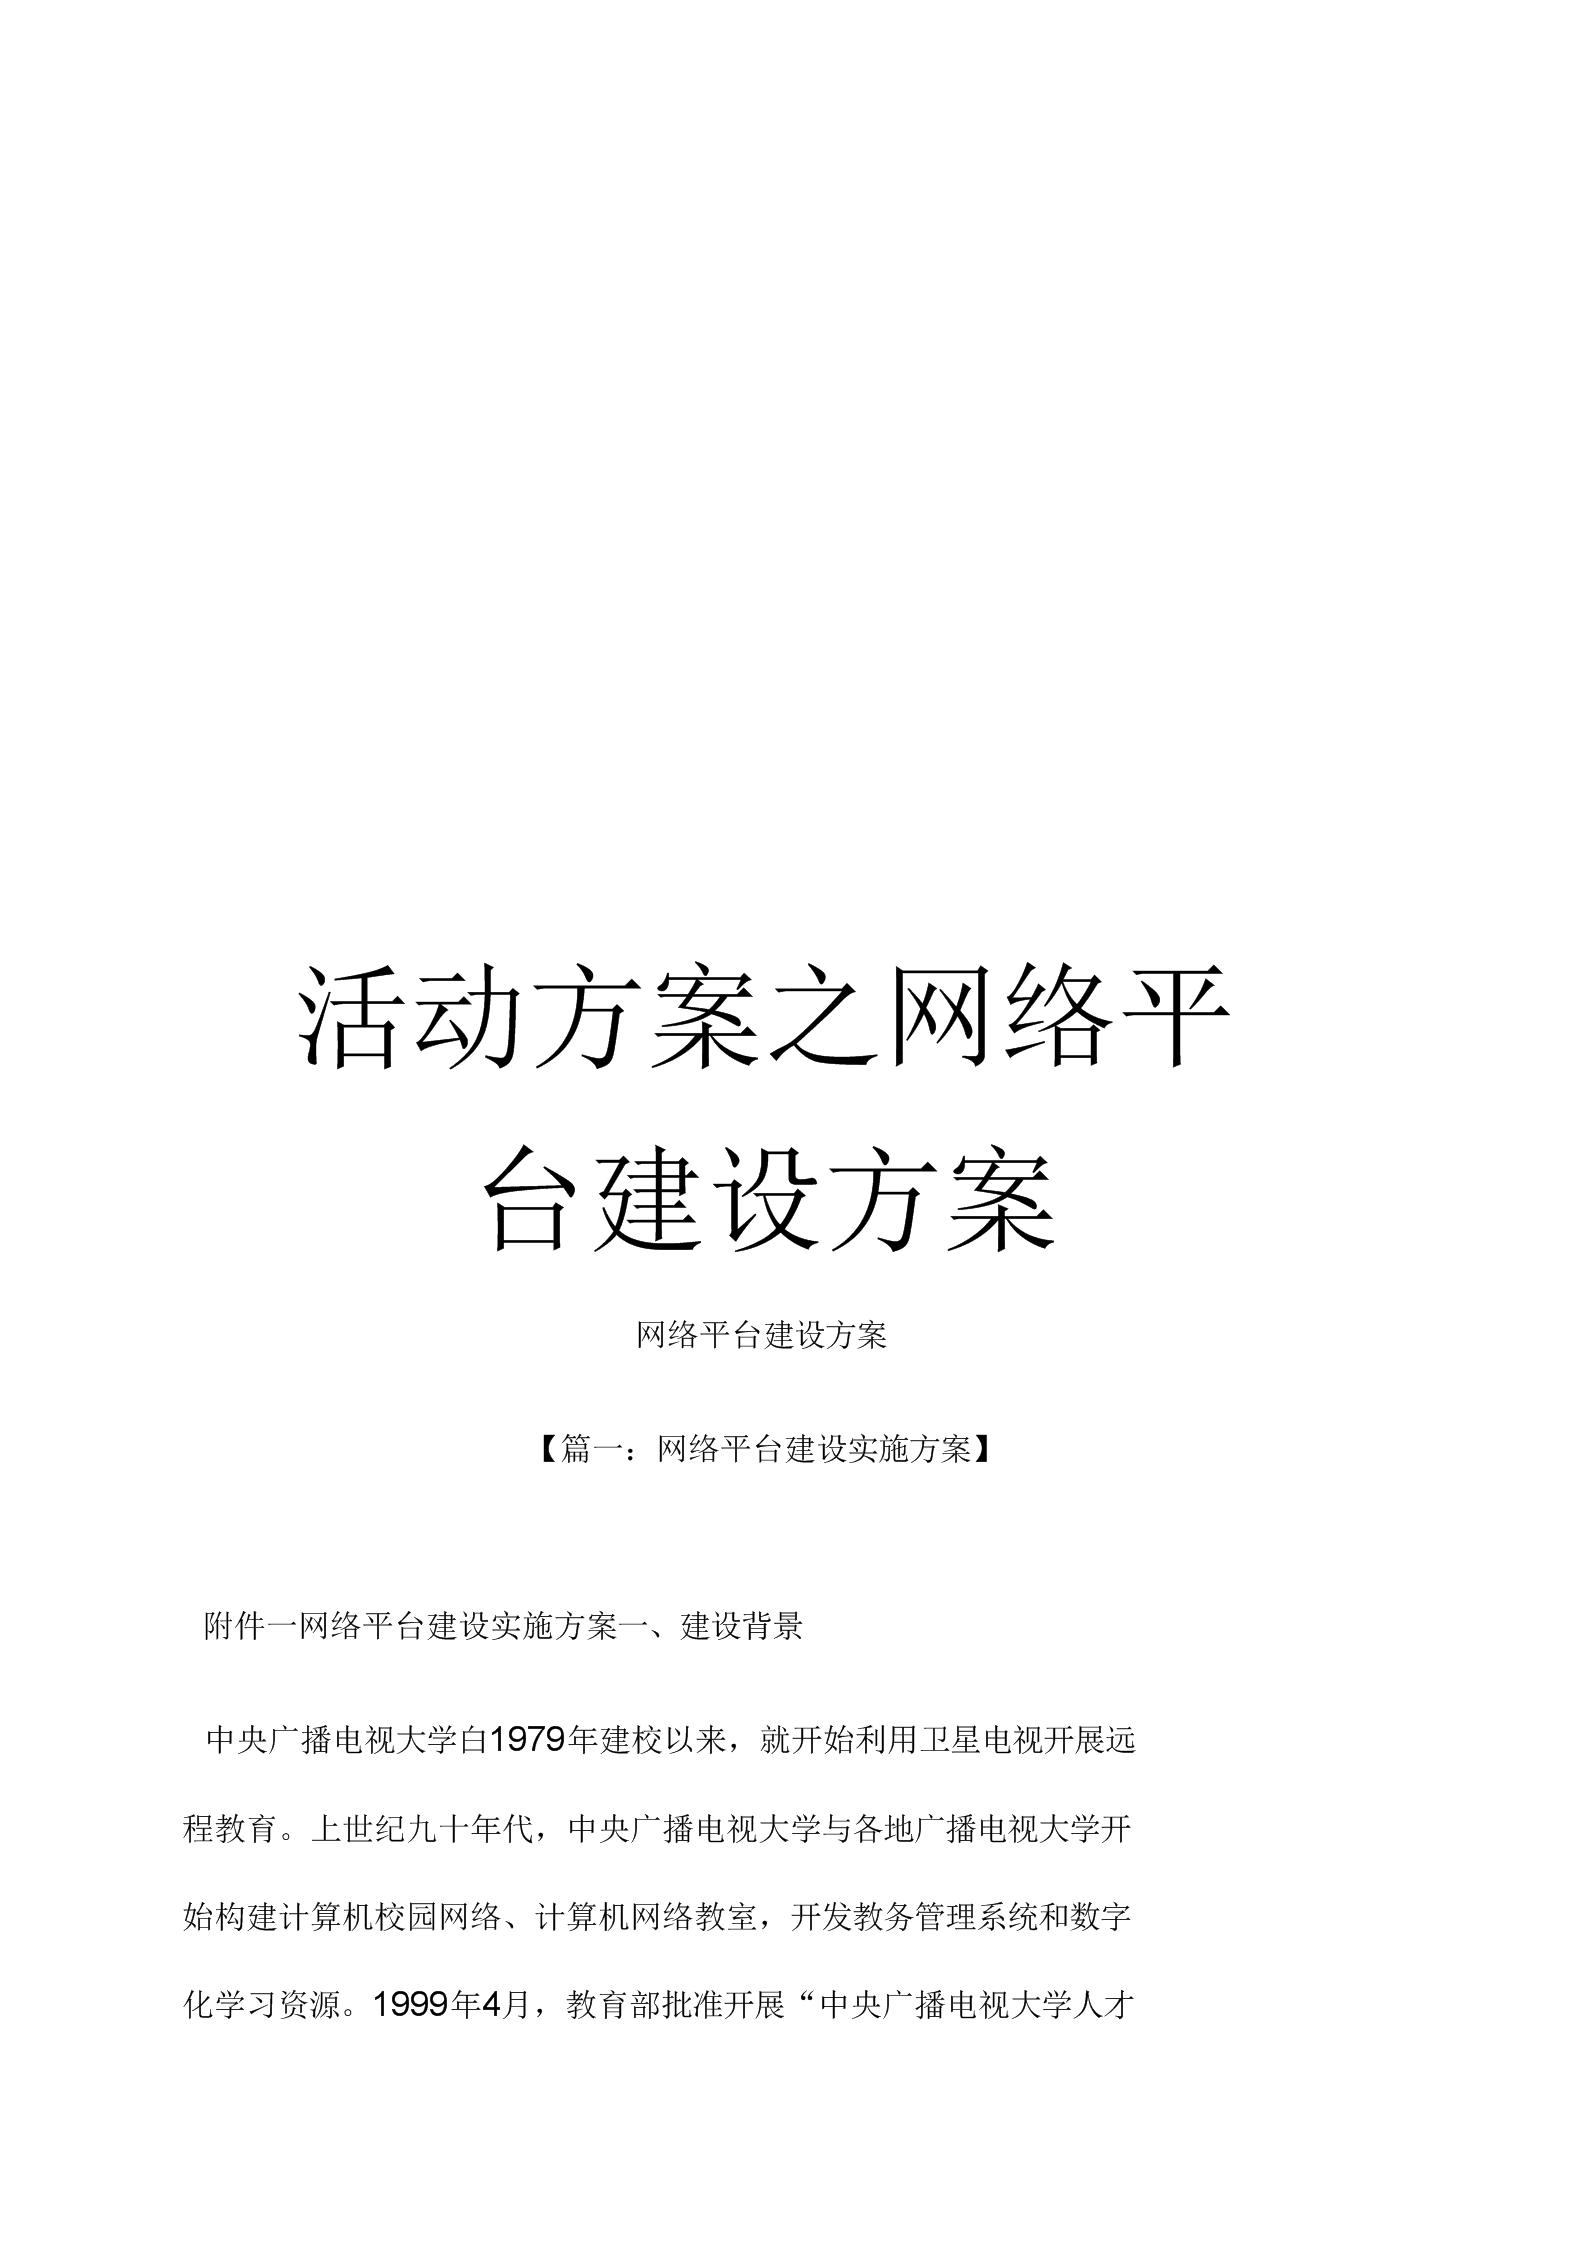 《活动方案之网络平台建设方案》.docx